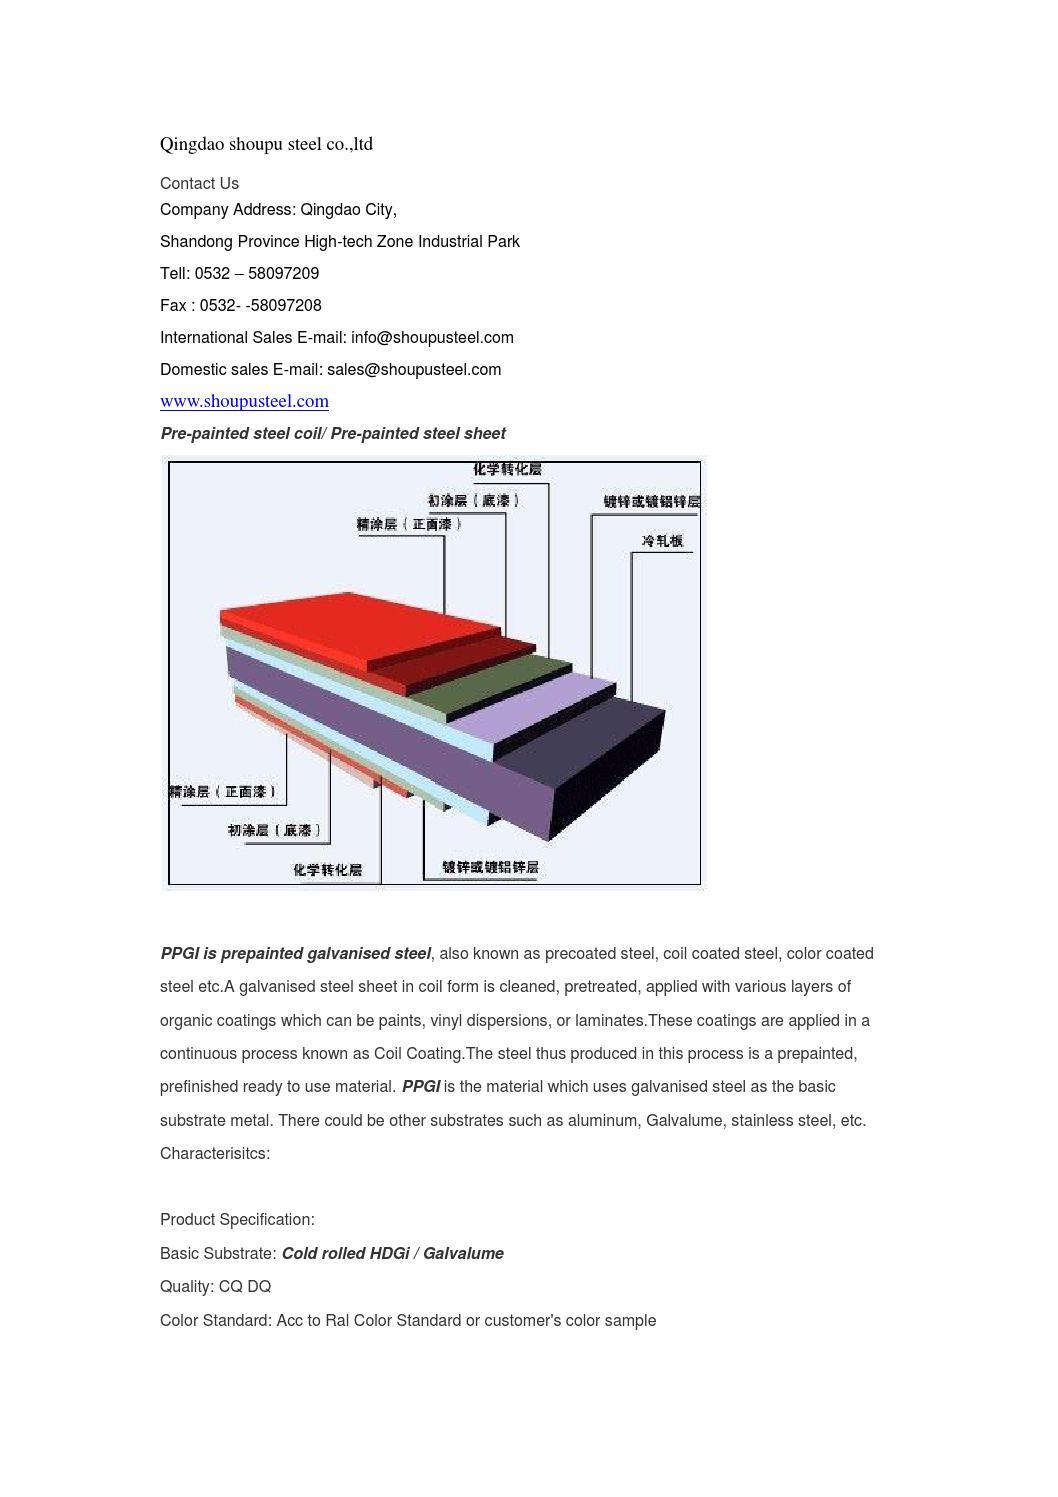 Prepainted steel by david - issuu